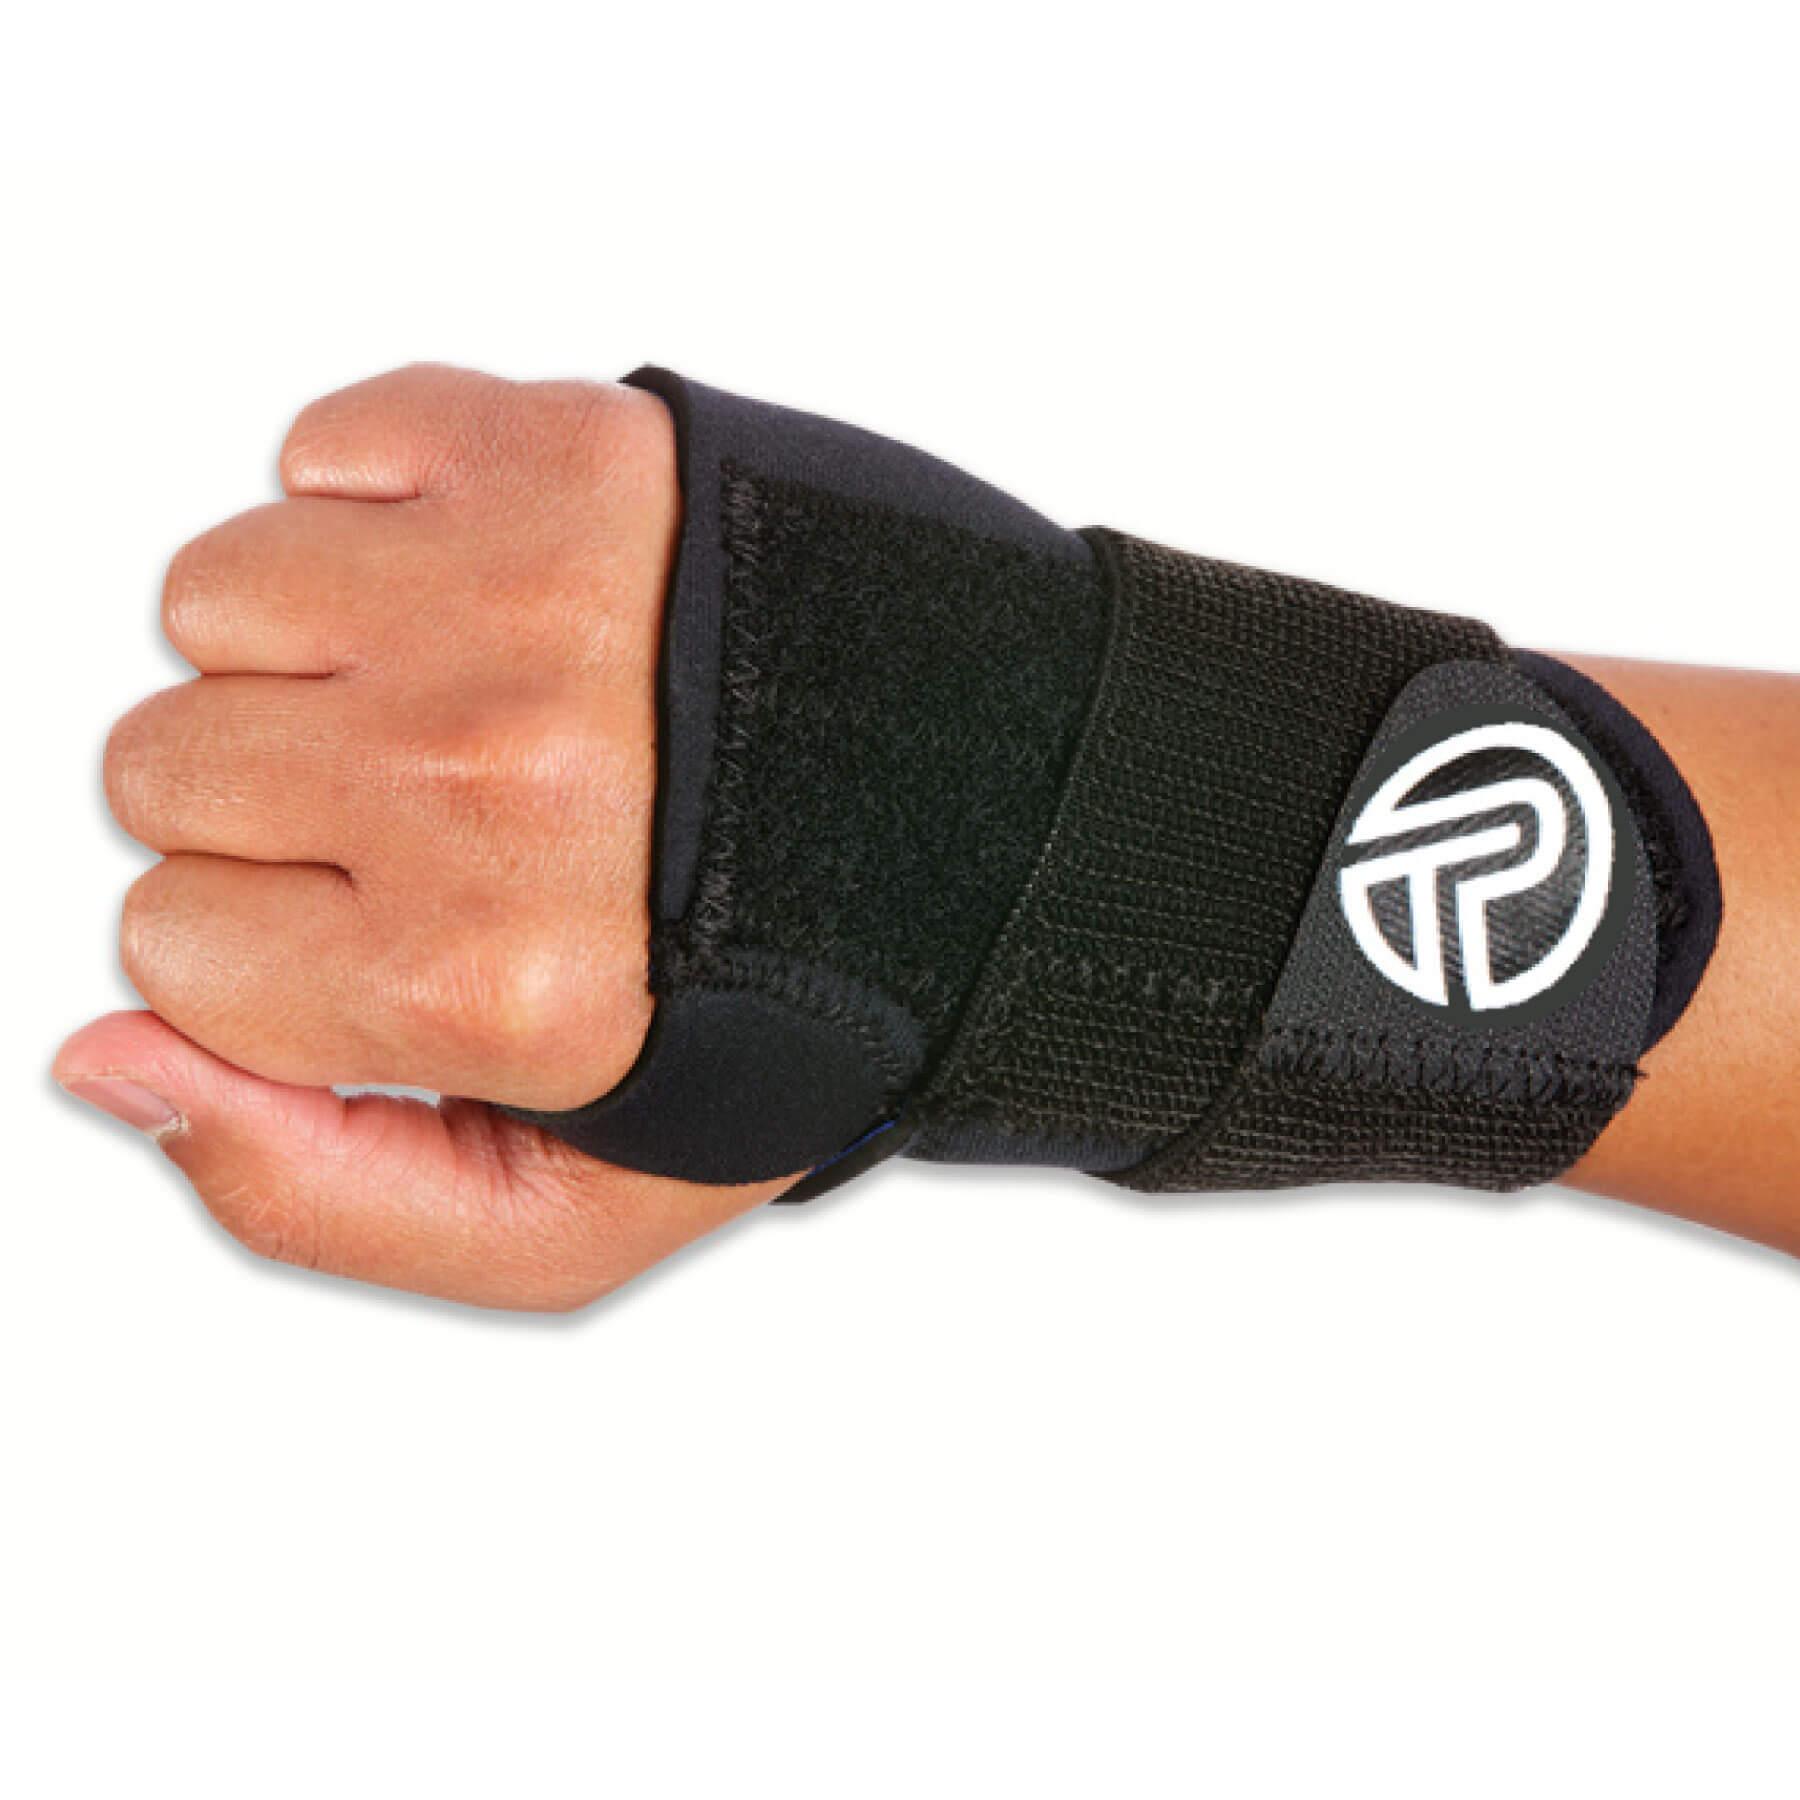 Clutch on Wrist